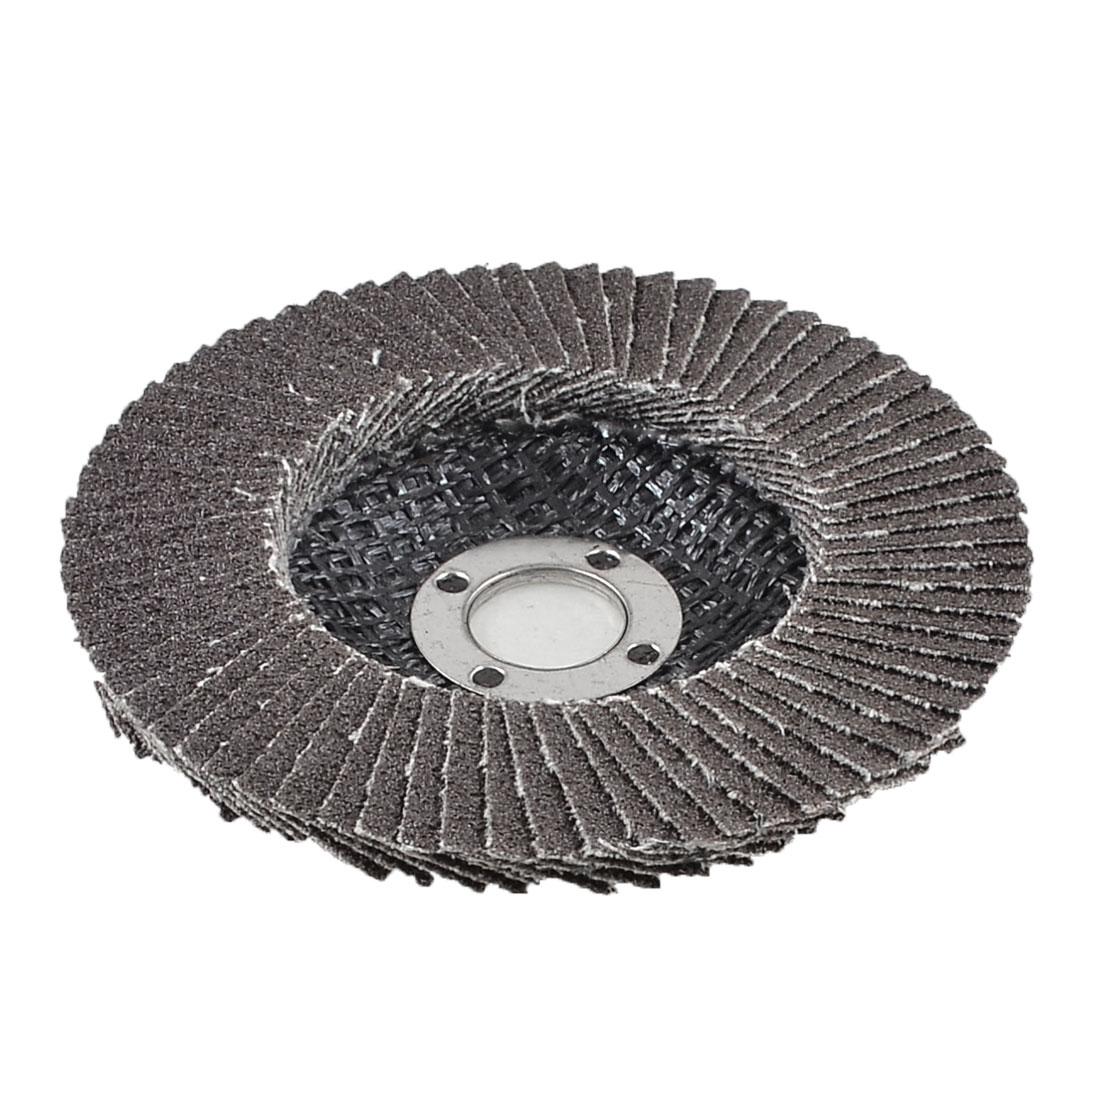 Single Side 16mm Inner Dia 80# Grit Abrasive Flap Sanding Disc Buffing Wheel